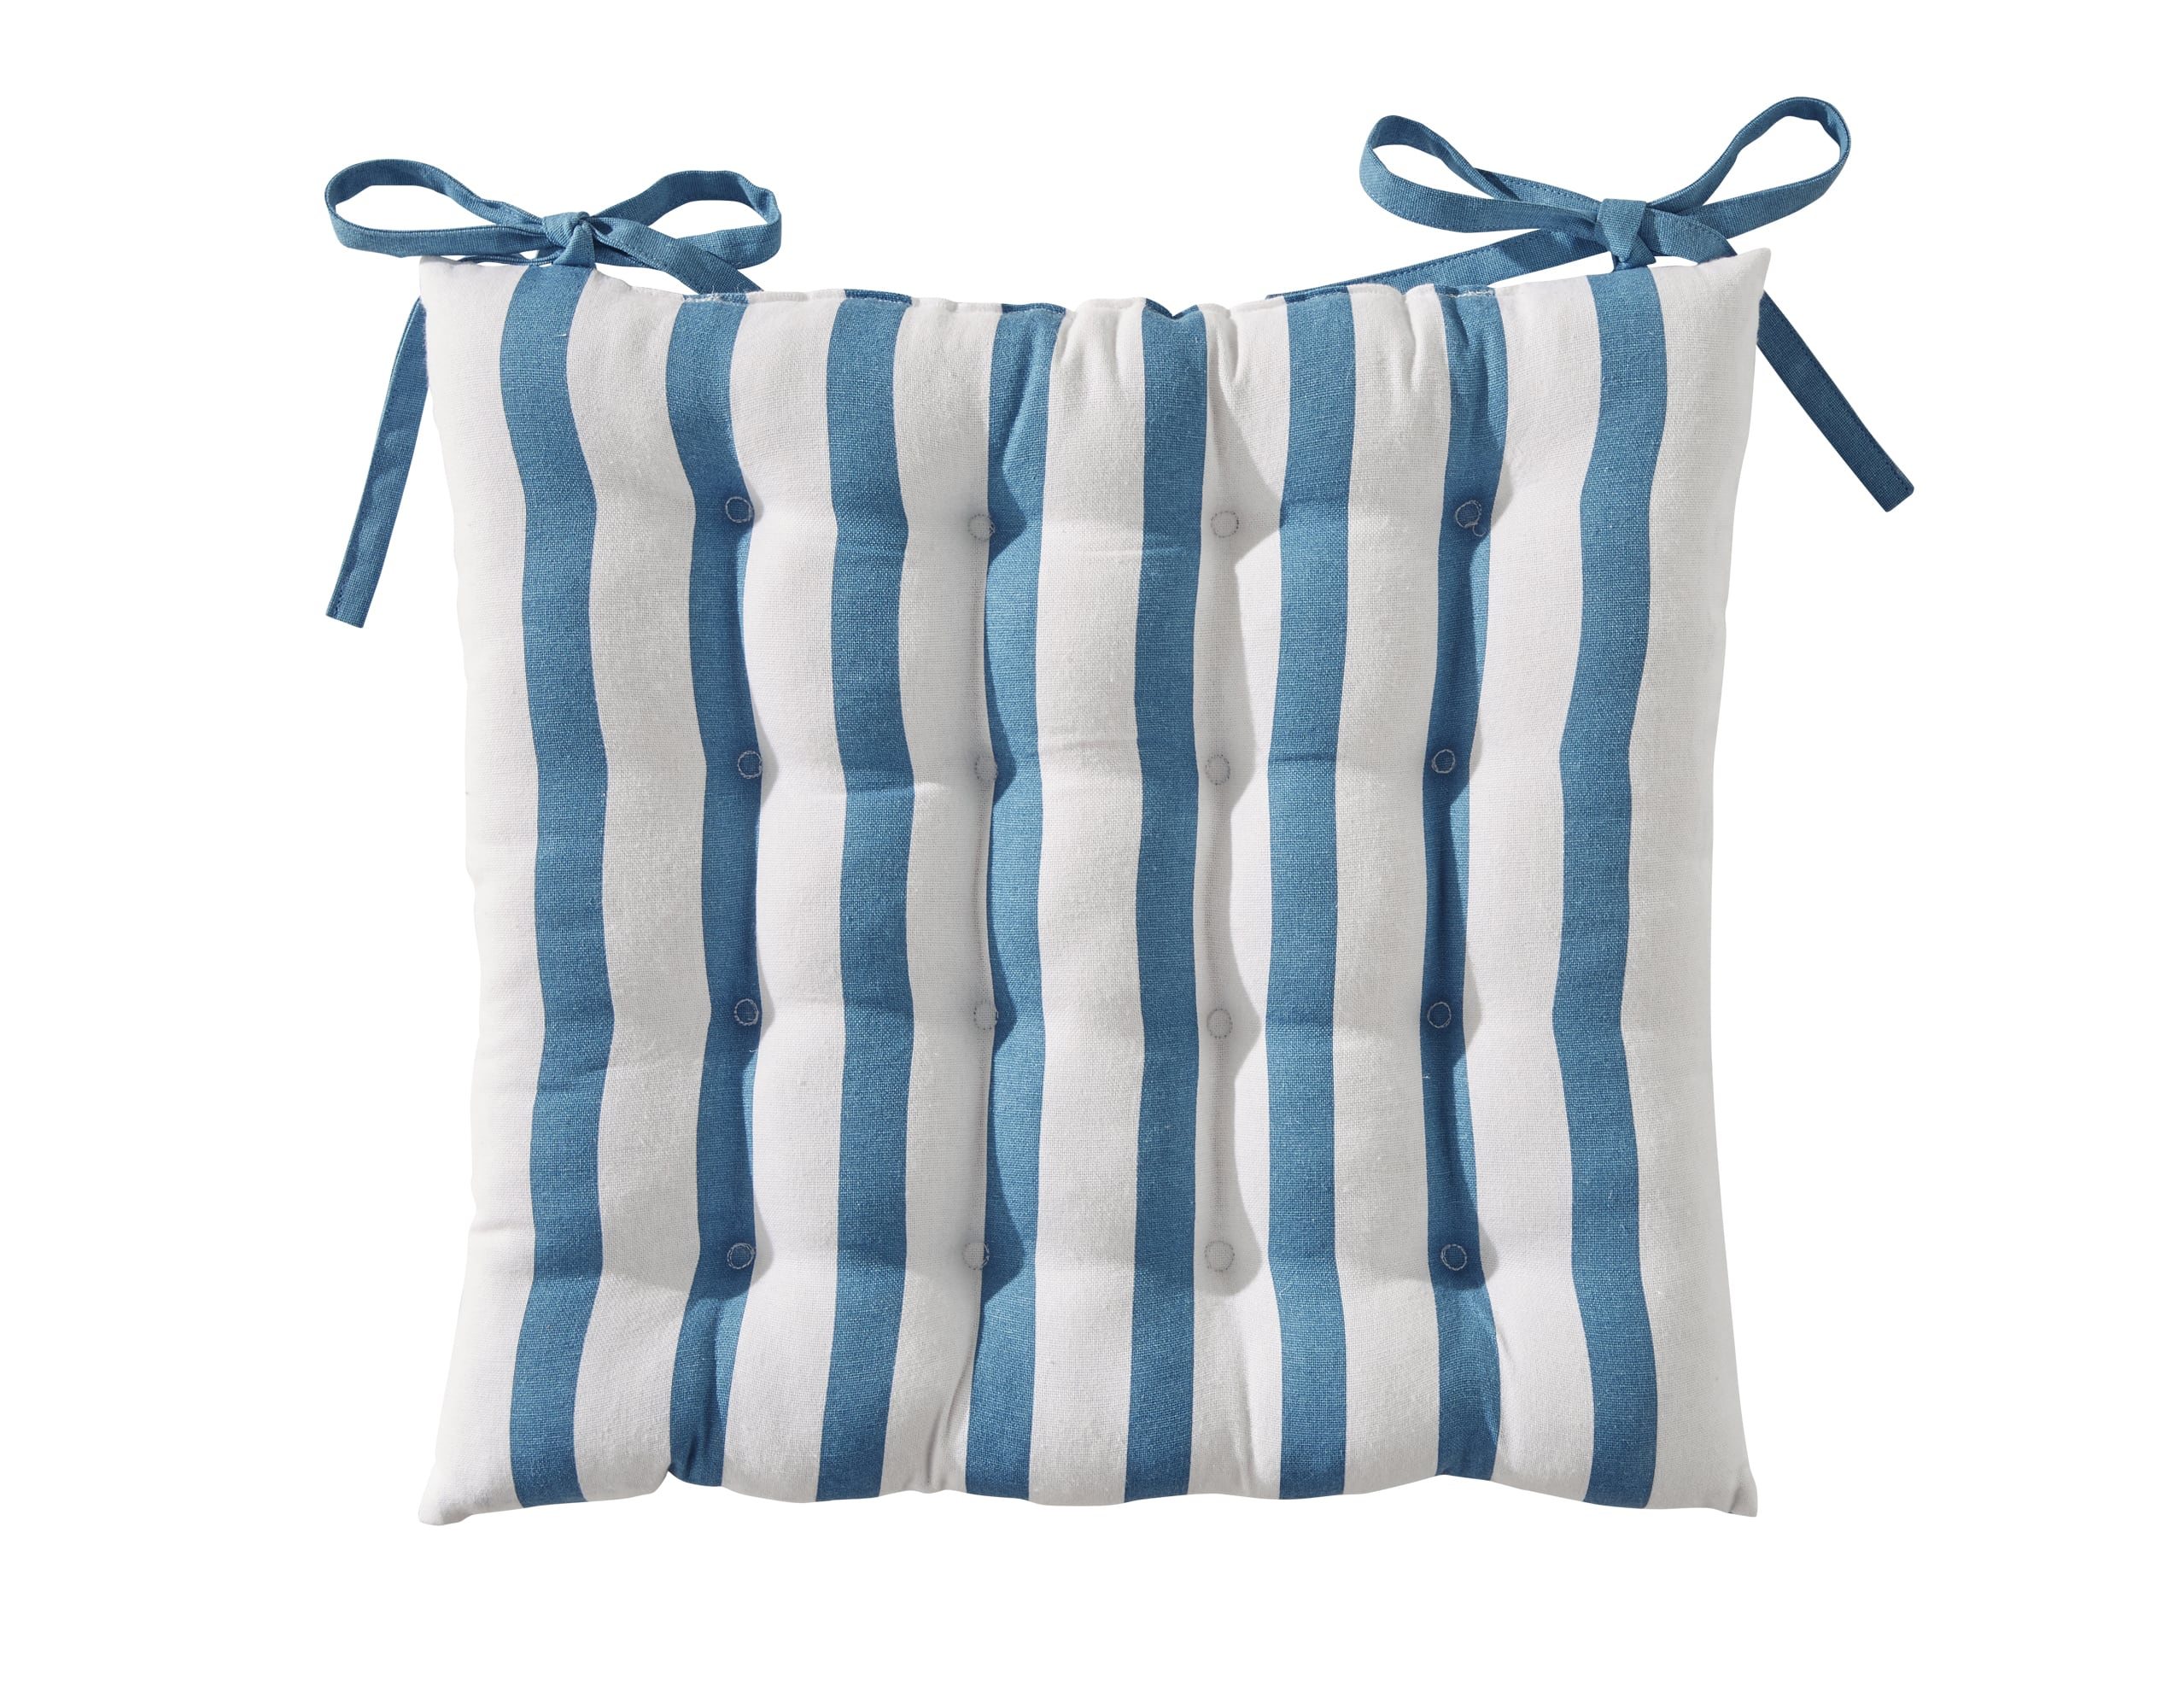 Galette de chaise réversible bleu orage 40x40 en coton